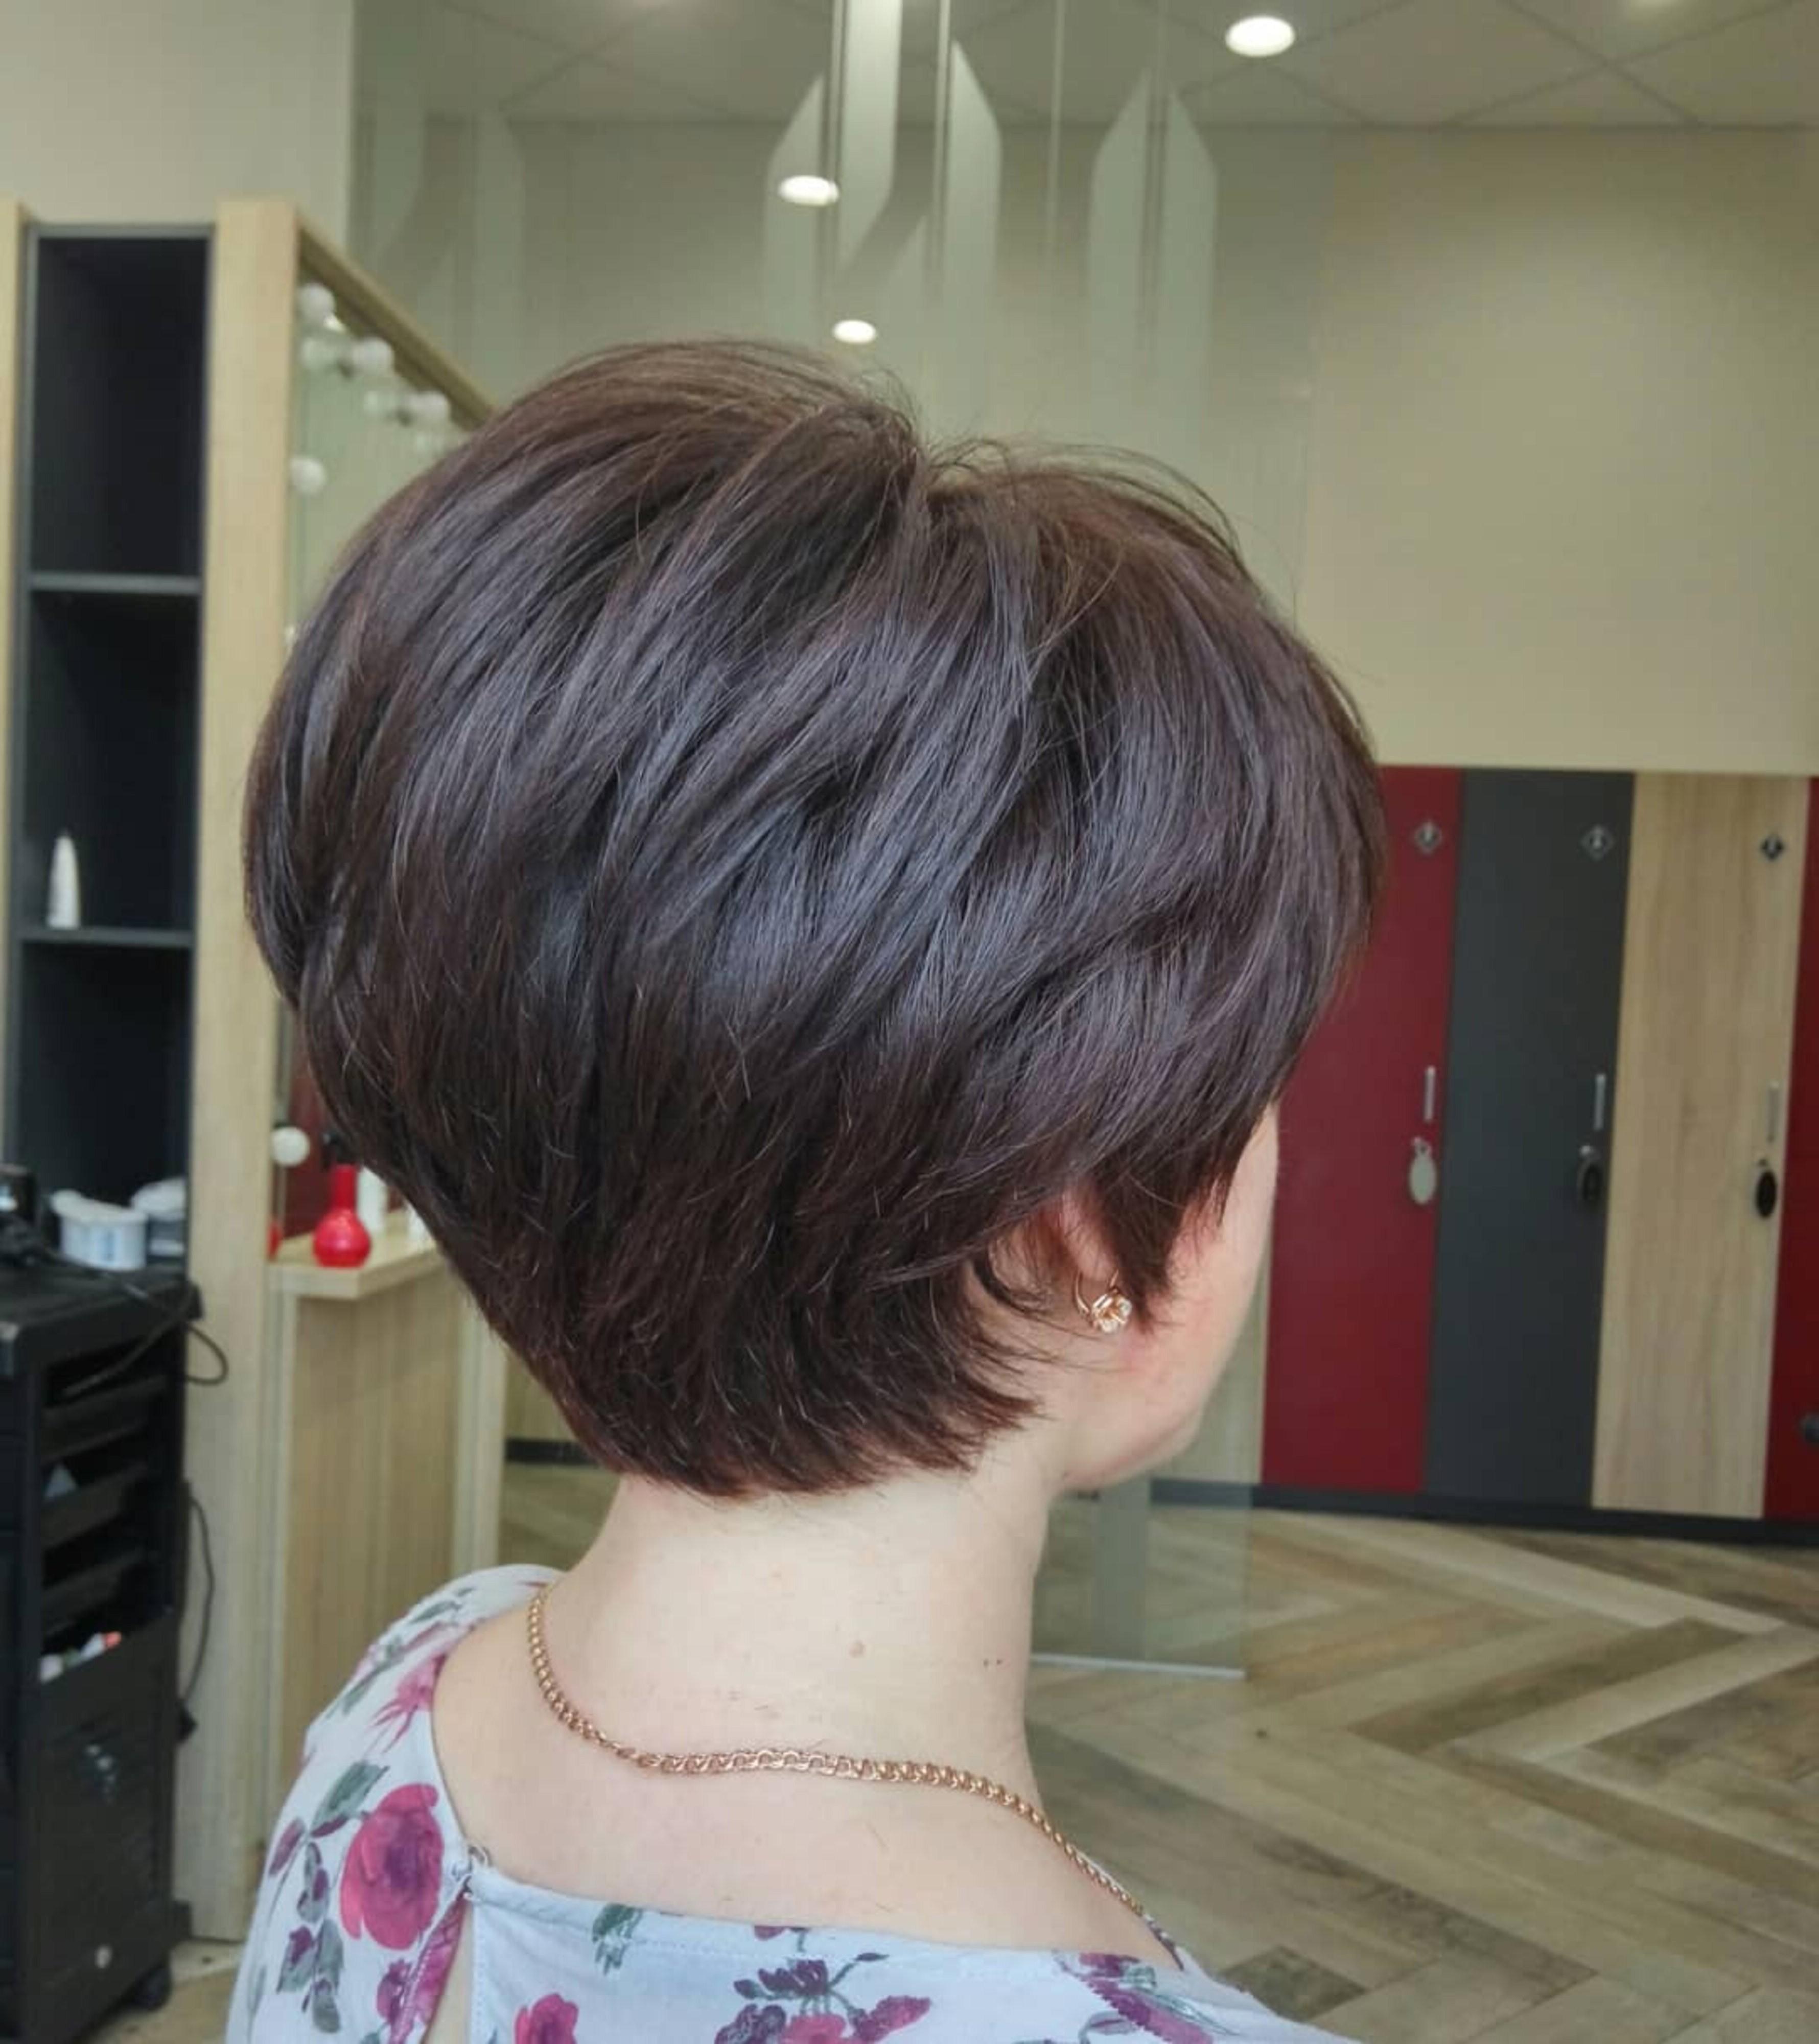 55+ Bob Haircuts for Women in 2021 - Cute Bob haircuts for Short & Medium  Hair